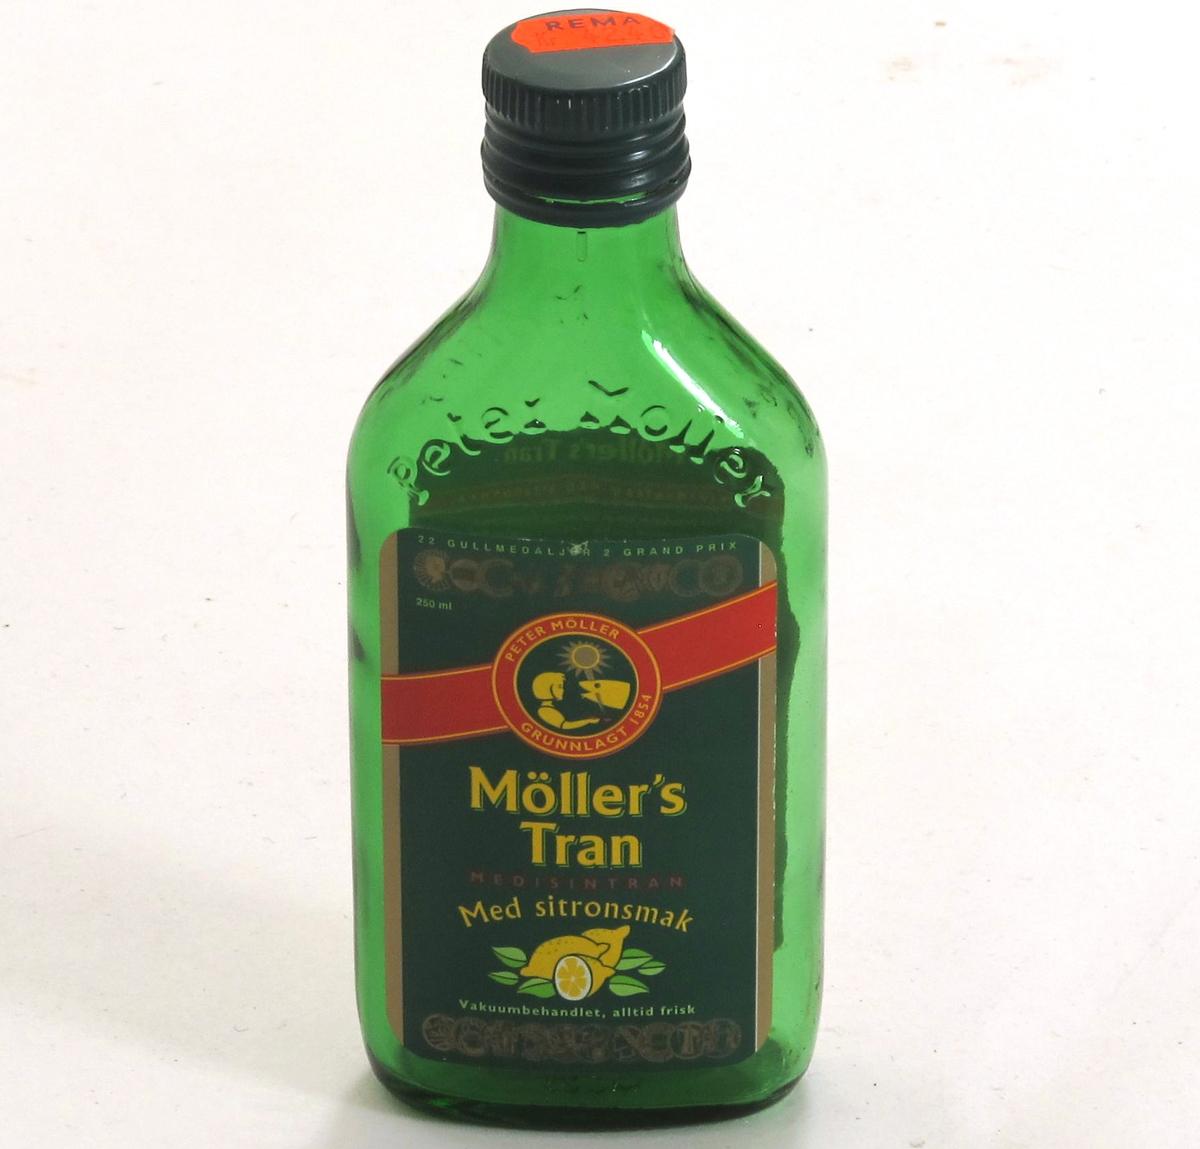 Flaske av grønnfarget glass, med grønn etikett, til  tran. 220 g.  Etikett med opplysninger om  innhold og oppbevaring, varemerke, utmerkelser og strekkode.